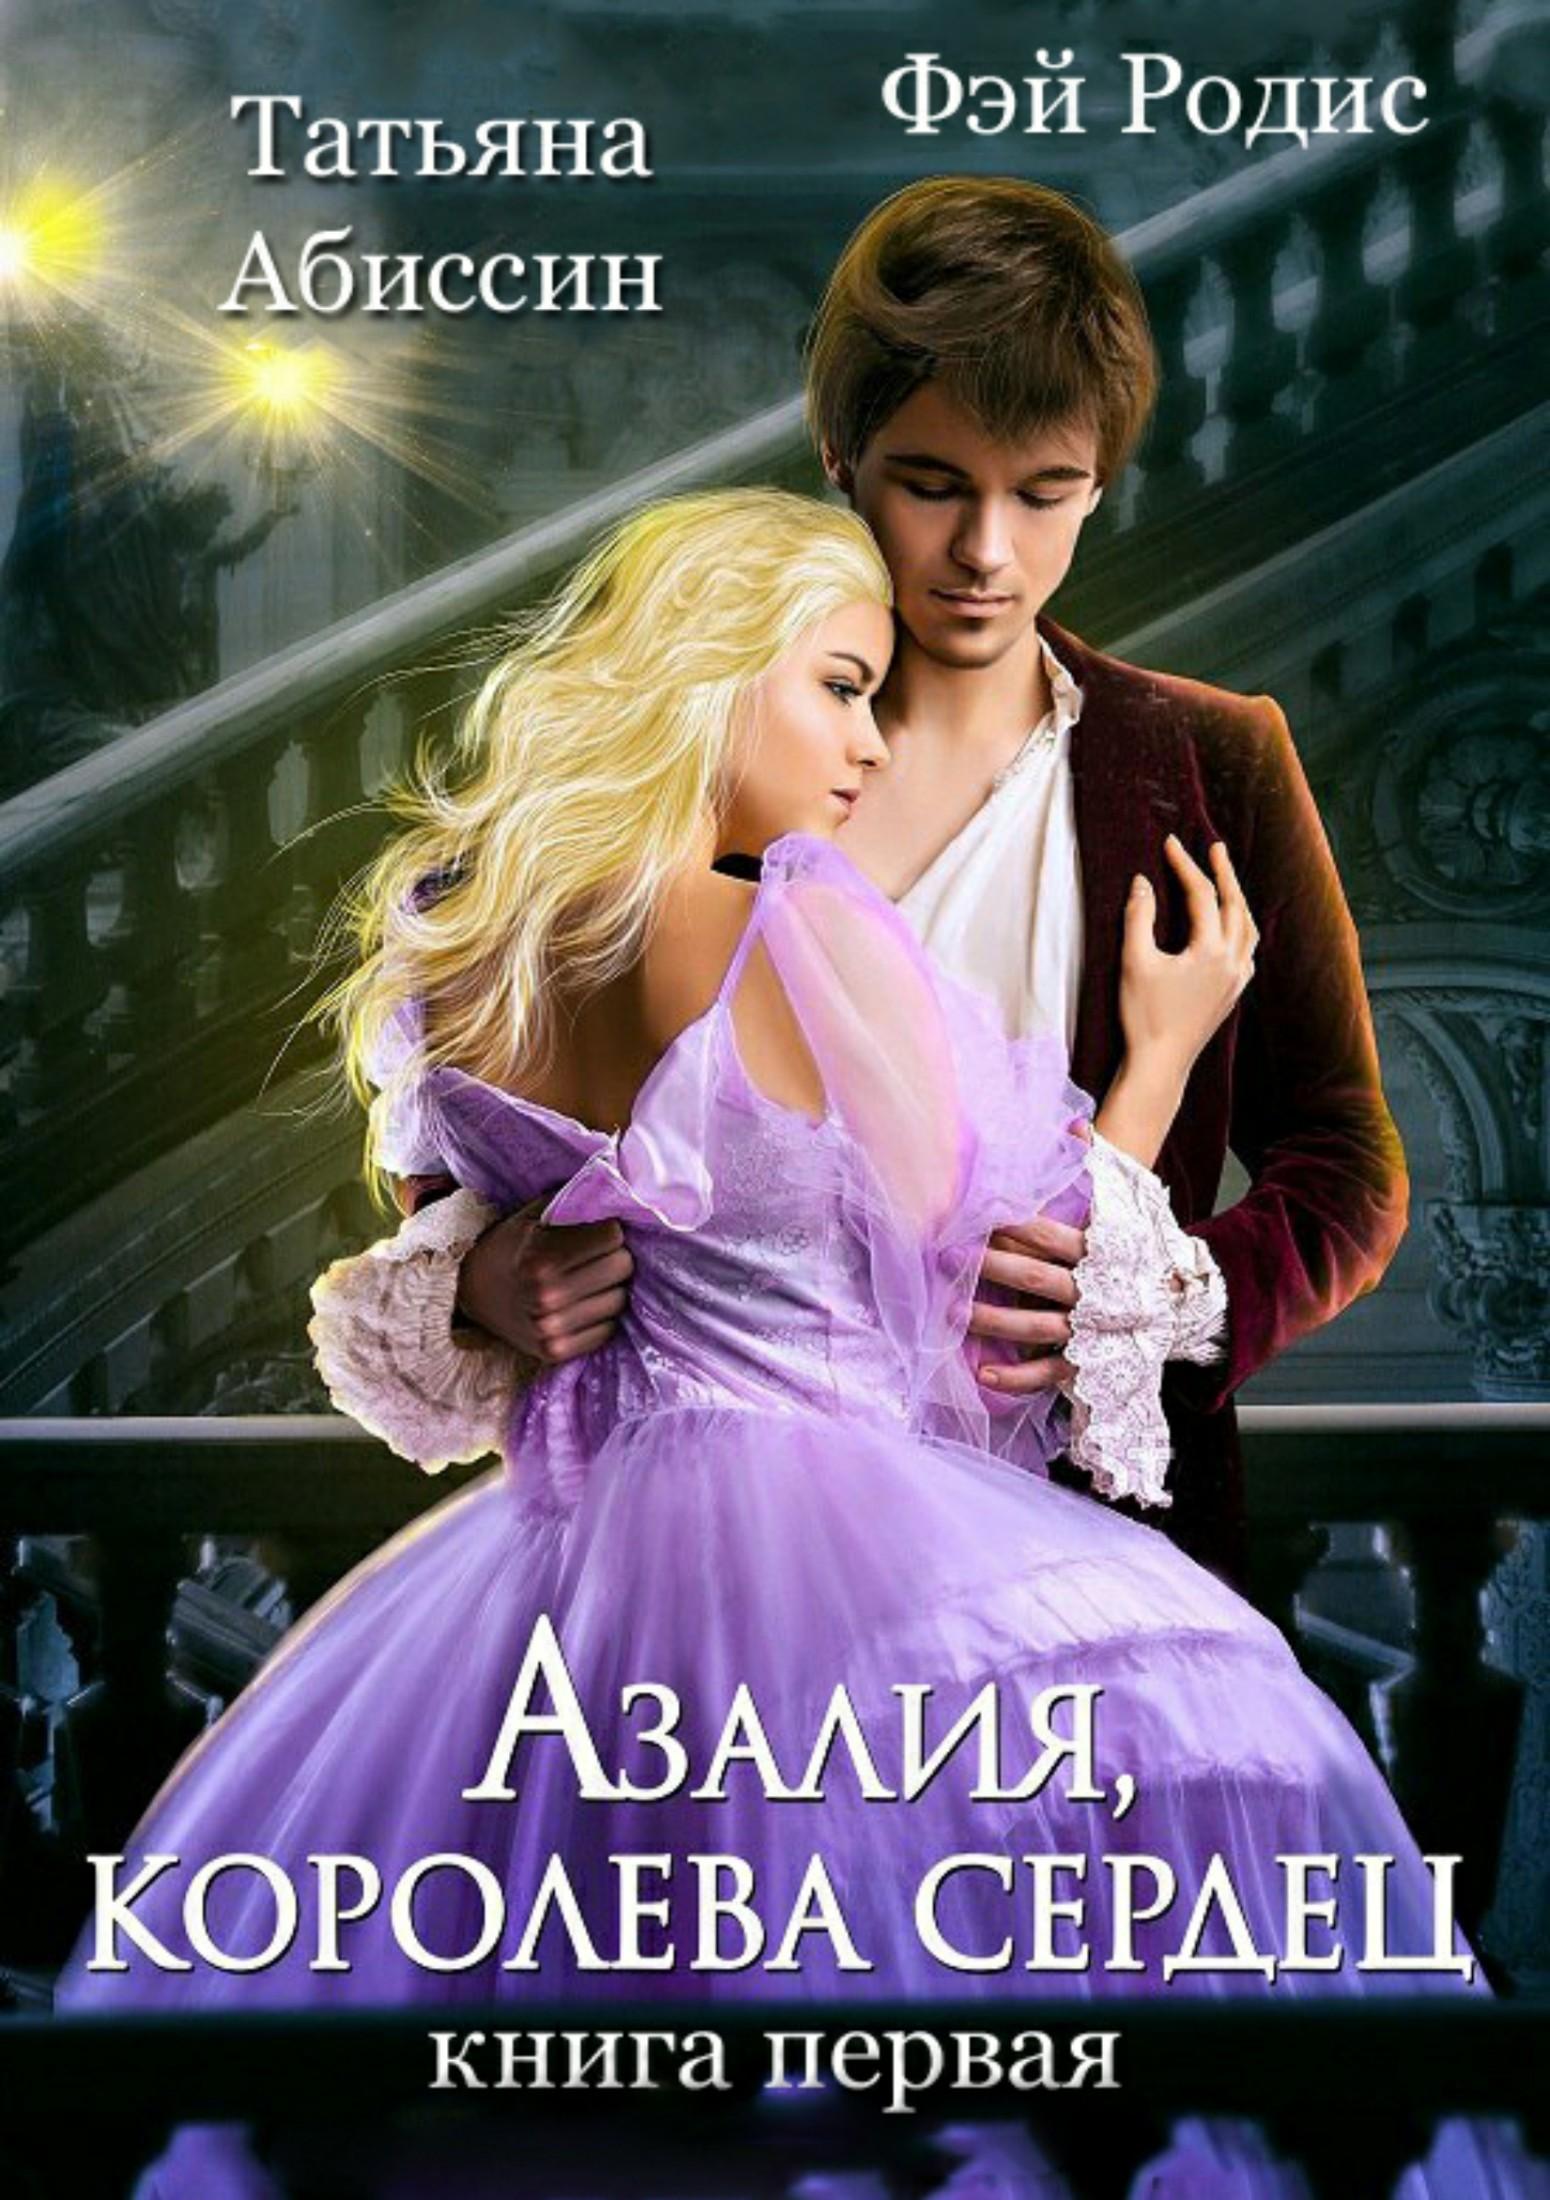 Азалия, королева сердец. Книга 1